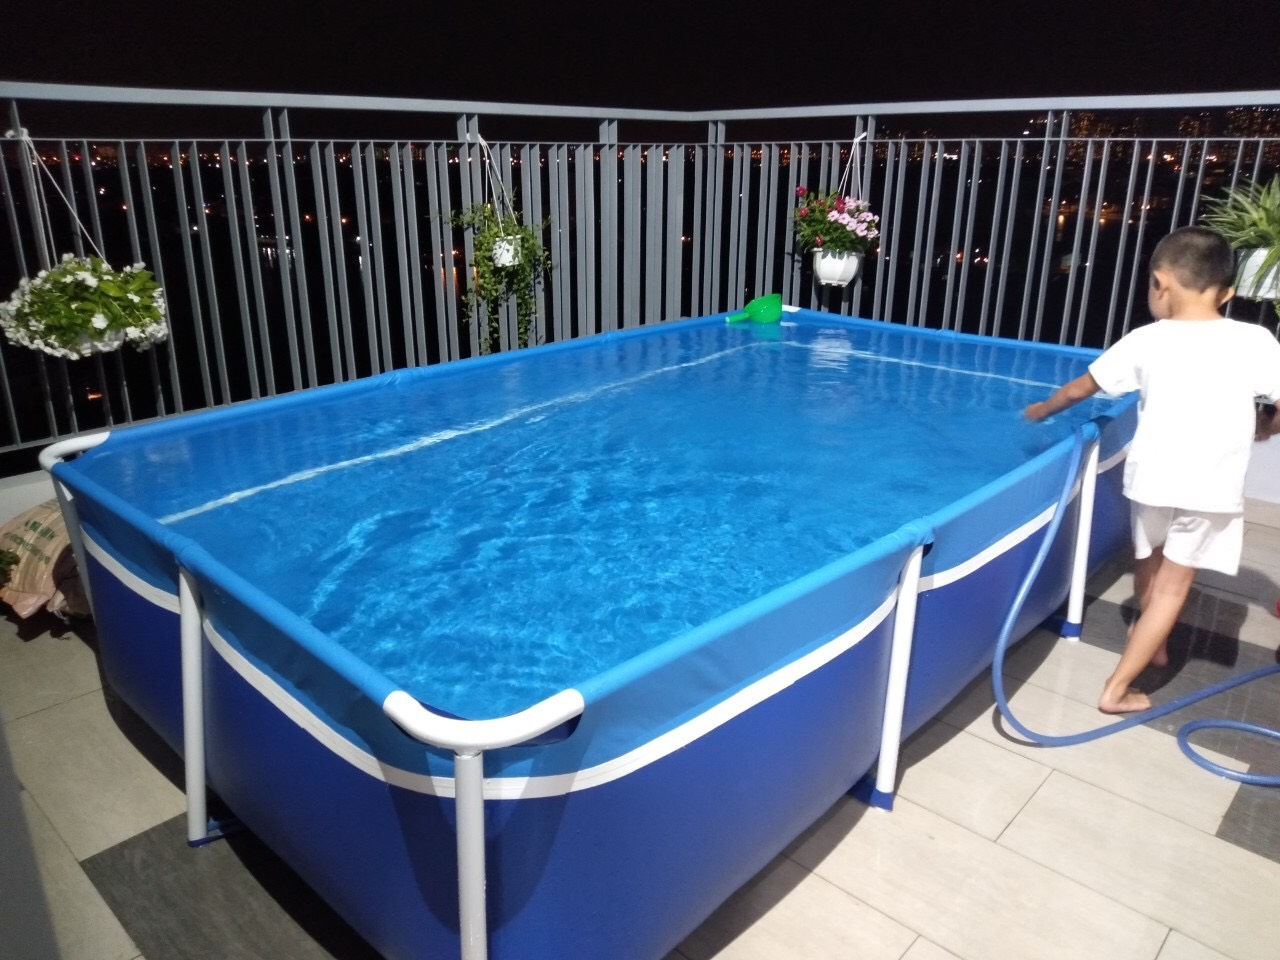 Hồ Bơi Cho Bé Yêu Nhà Bạn – Kích Thước 170cm x 260cm x 81cm